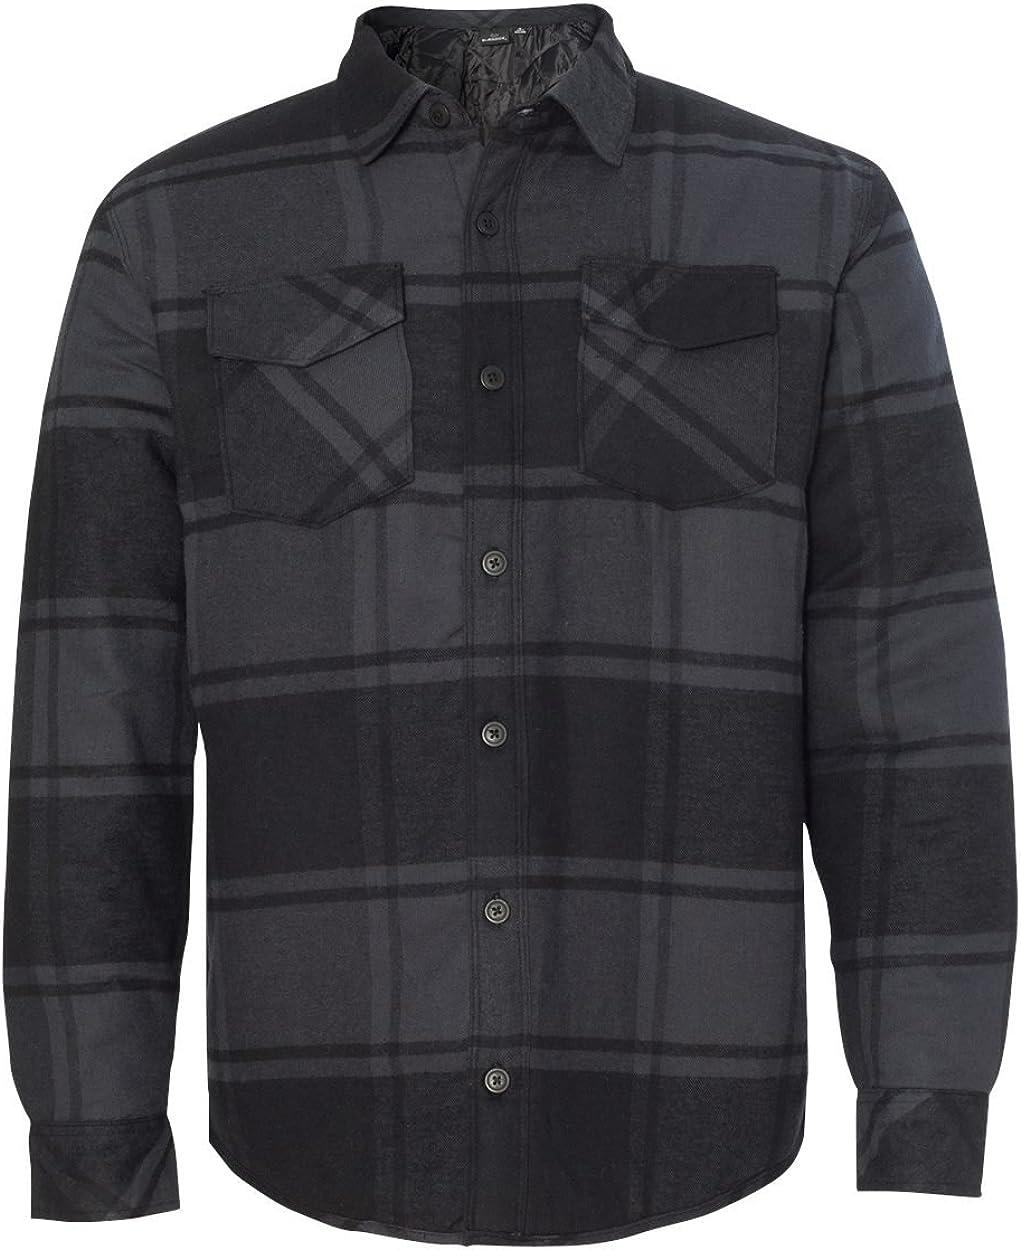 Burnside mens Quilted Flannel Jacket (8610): Burnside: Clothing